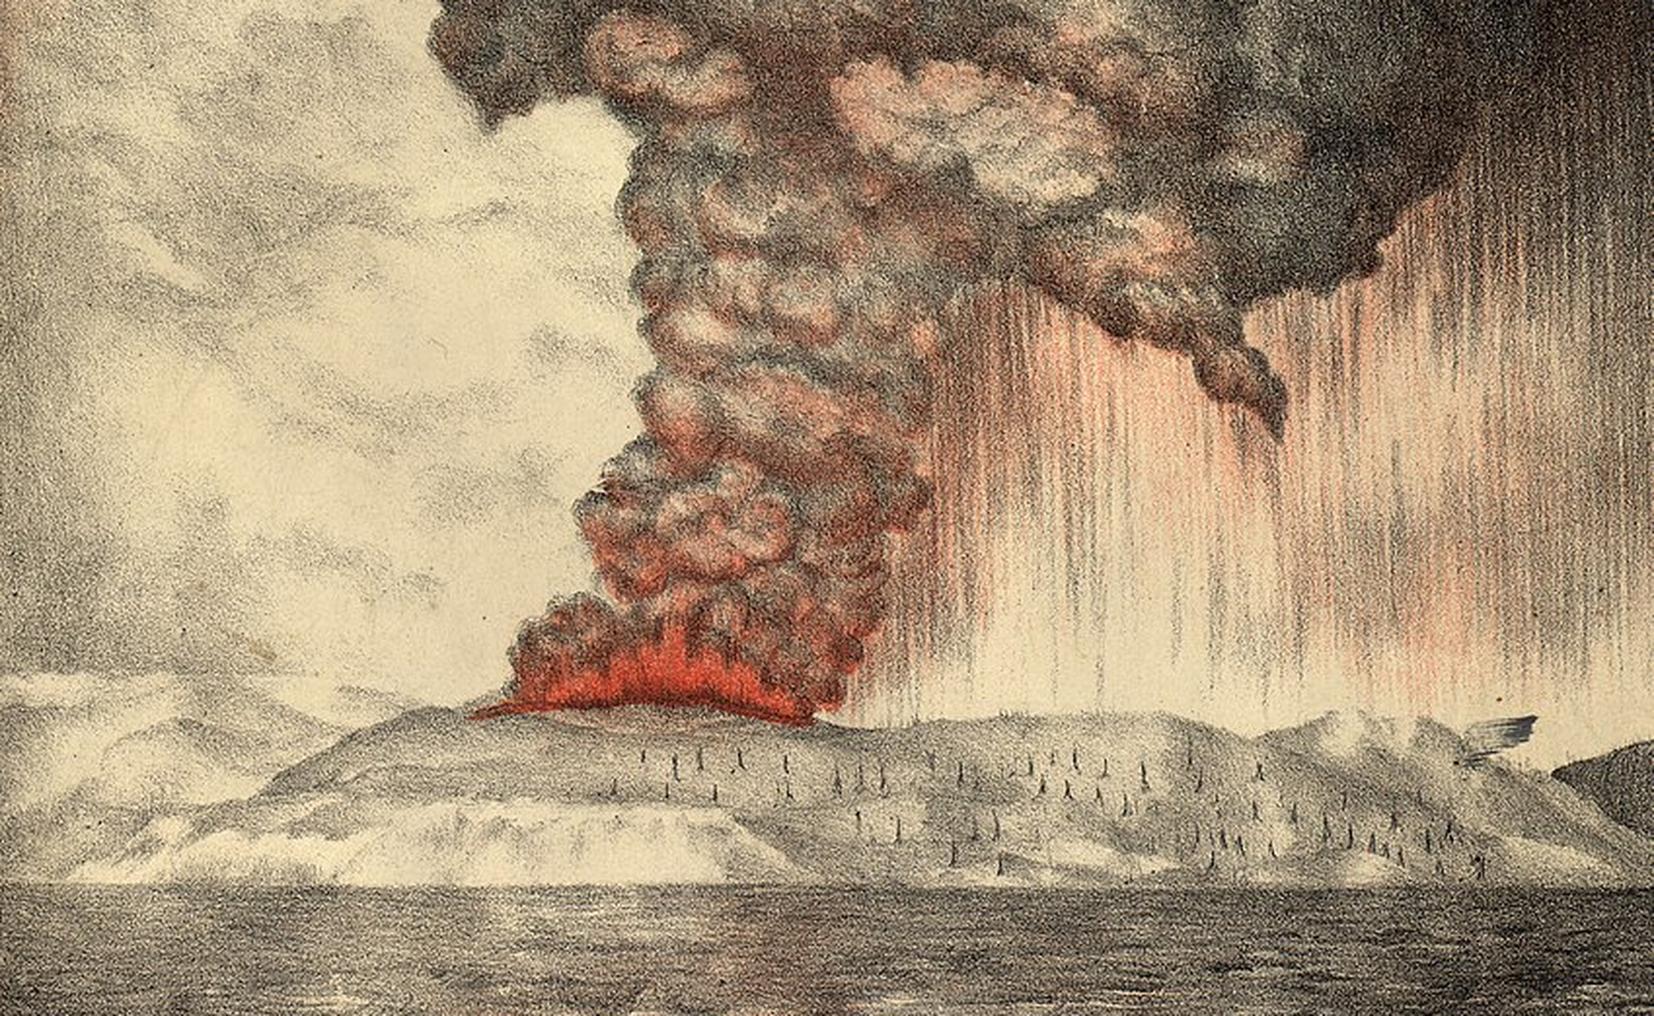 Krakatoa: erupción del volcán provocó un cambio climático